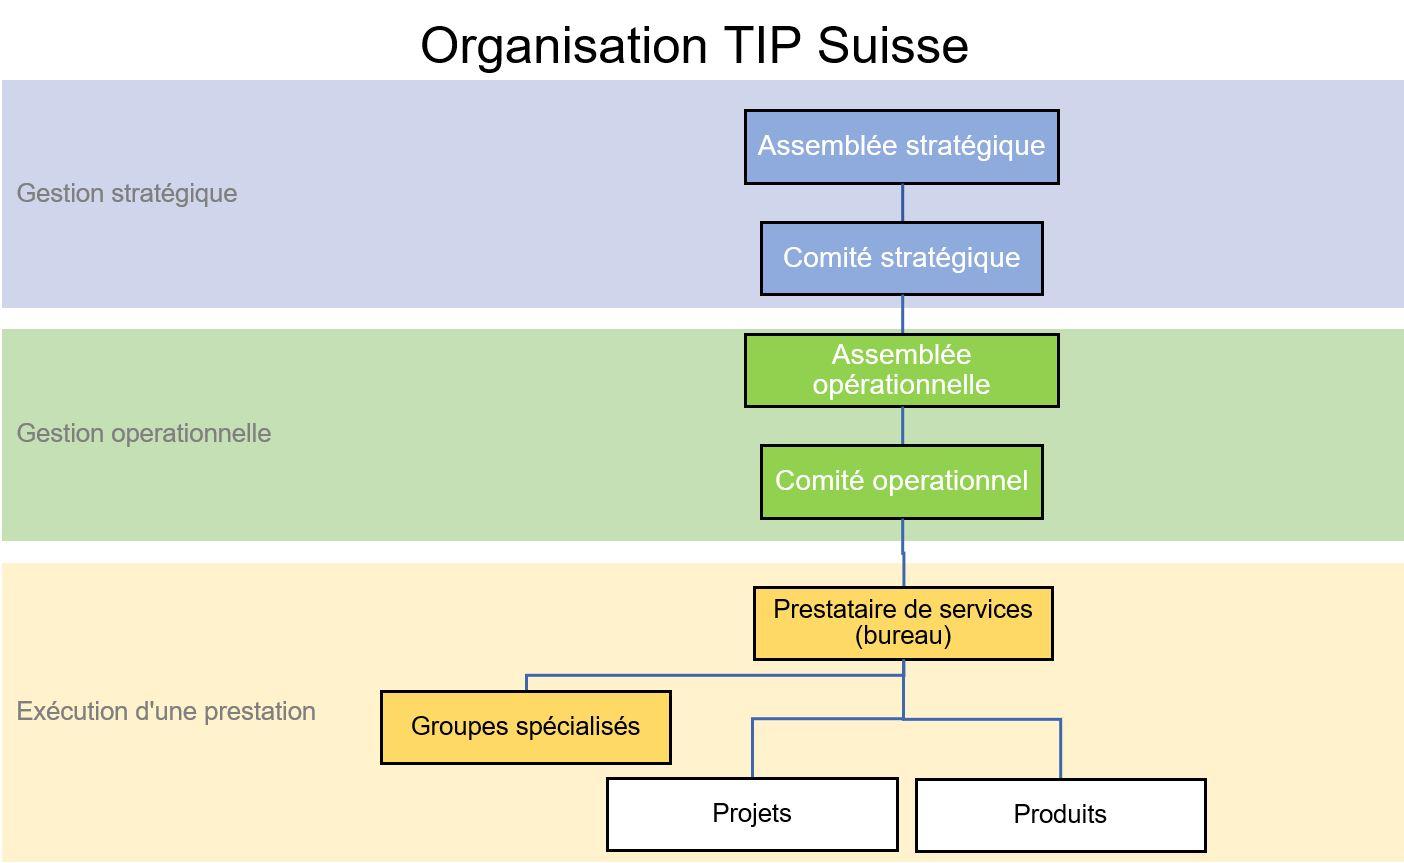 Organisation TIP Suisse